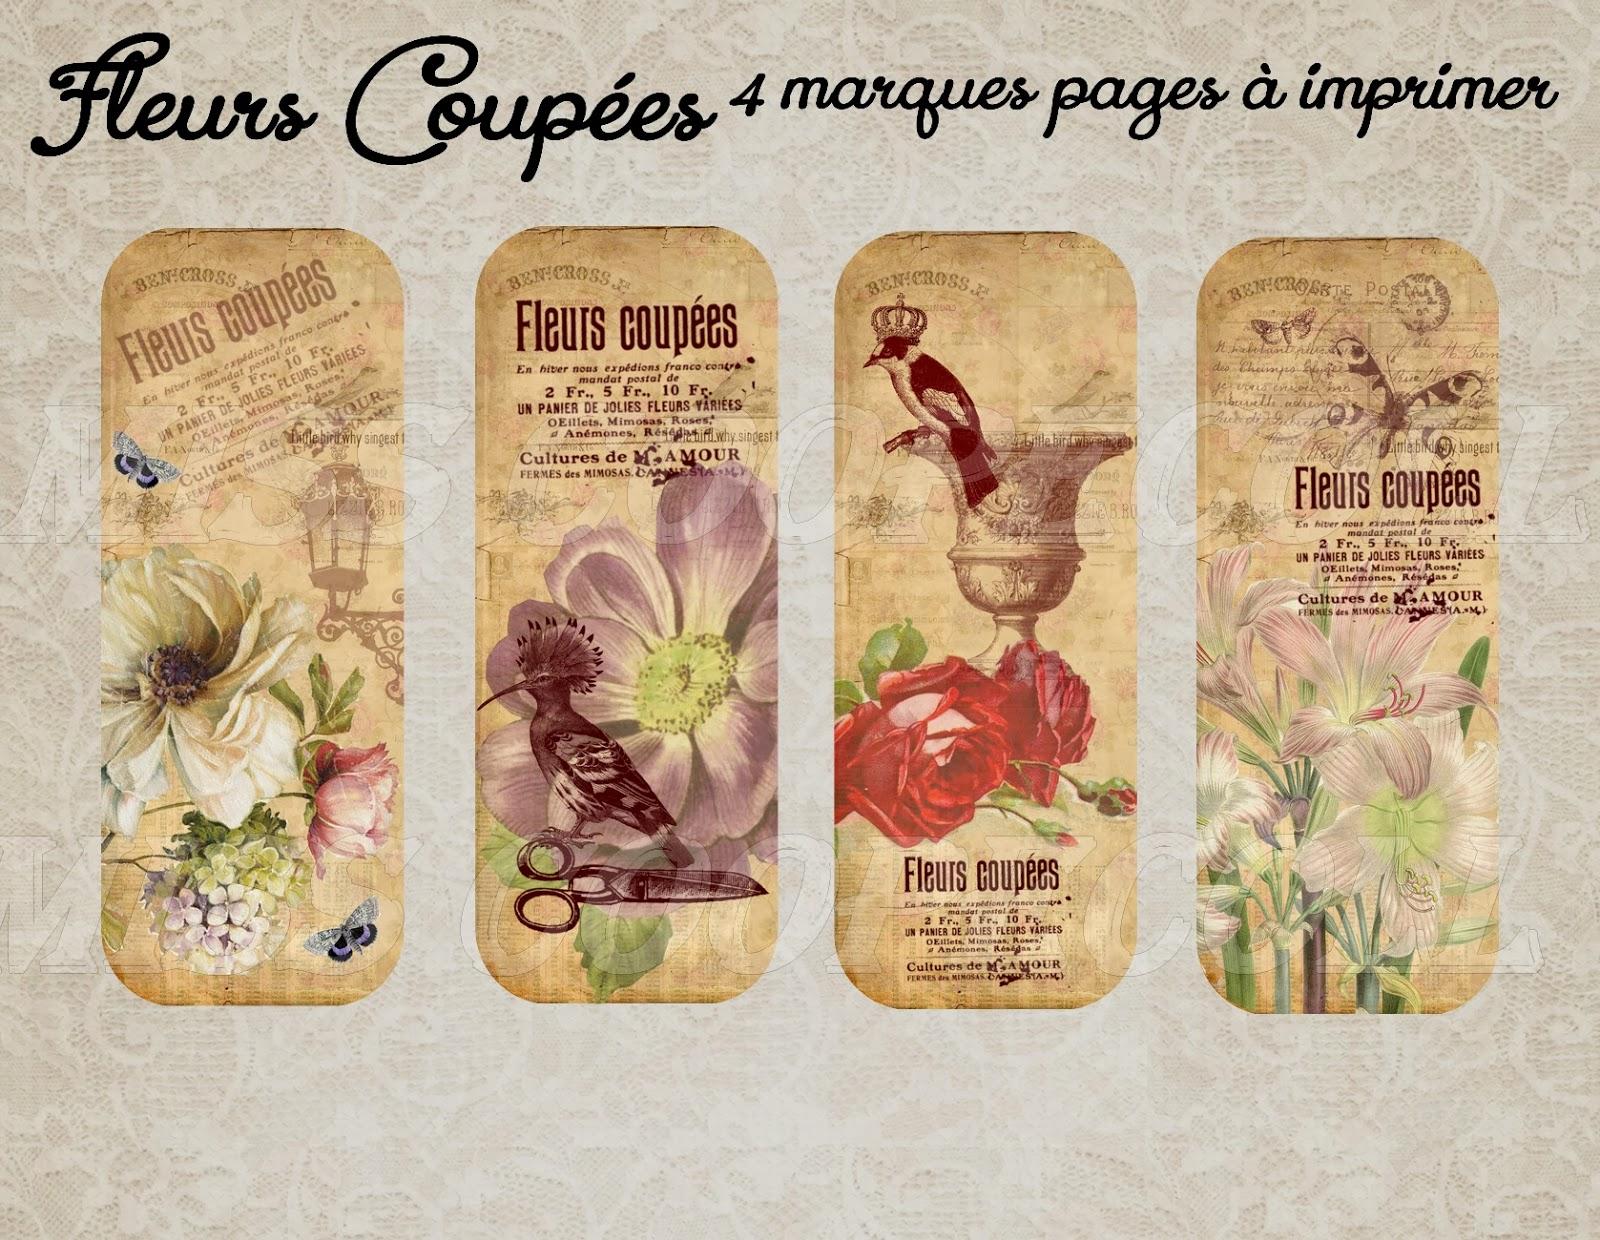 http://www.alittlemarket.com/marque-pages/nouveaute_4_marques_pages_a_imprimer_fleurs_coupees_envoi_par_mail-6914927.html